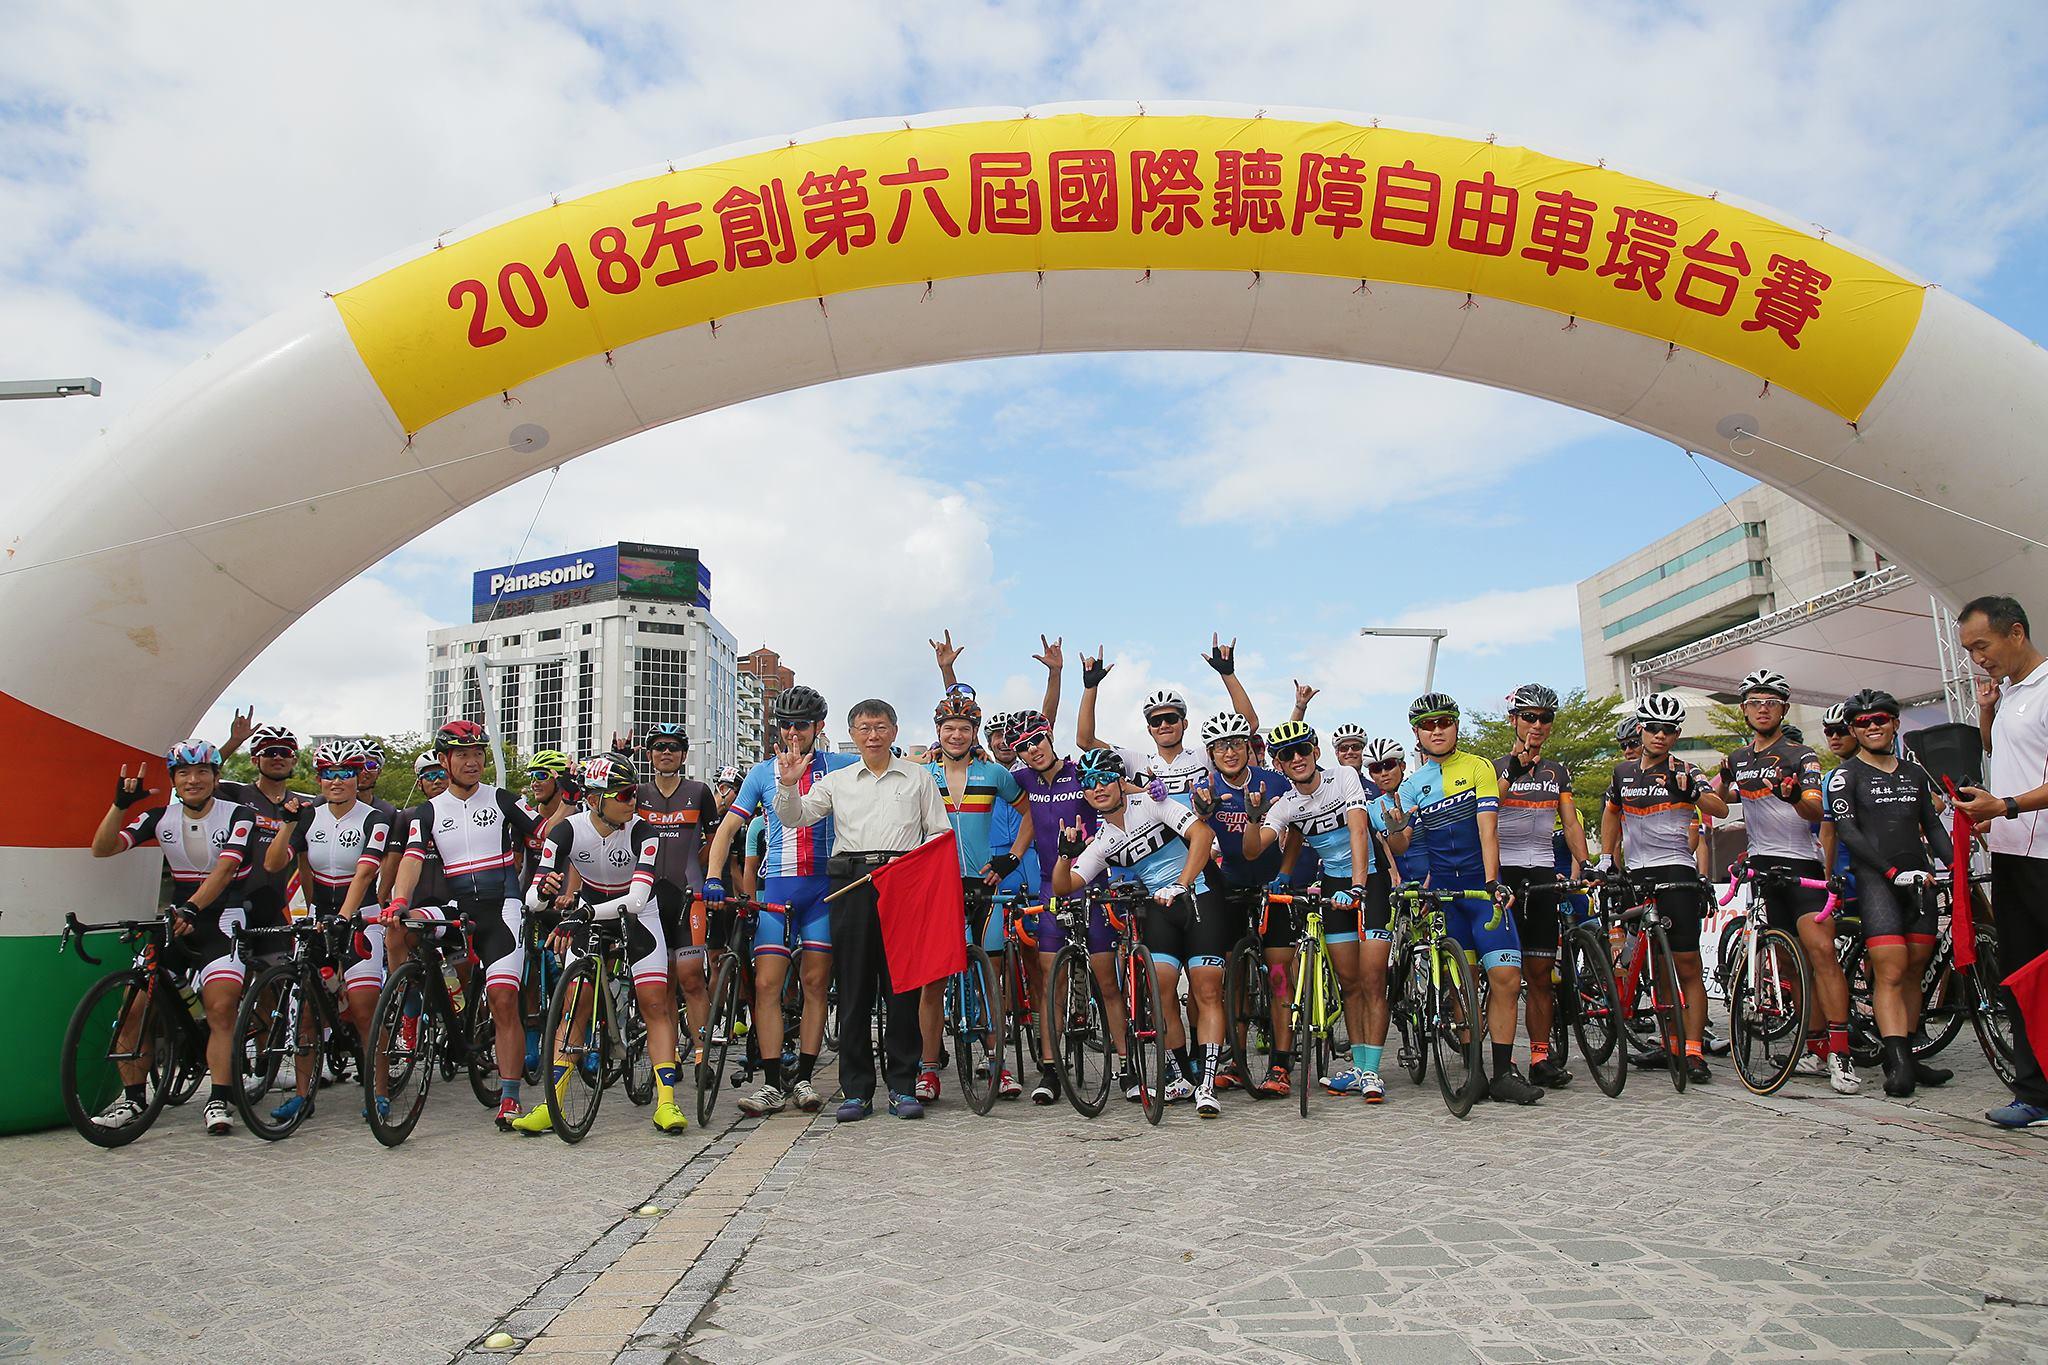 L'atleta azzurro Luigi Cucco conquista il quarto posto a Formosa (Taipei)